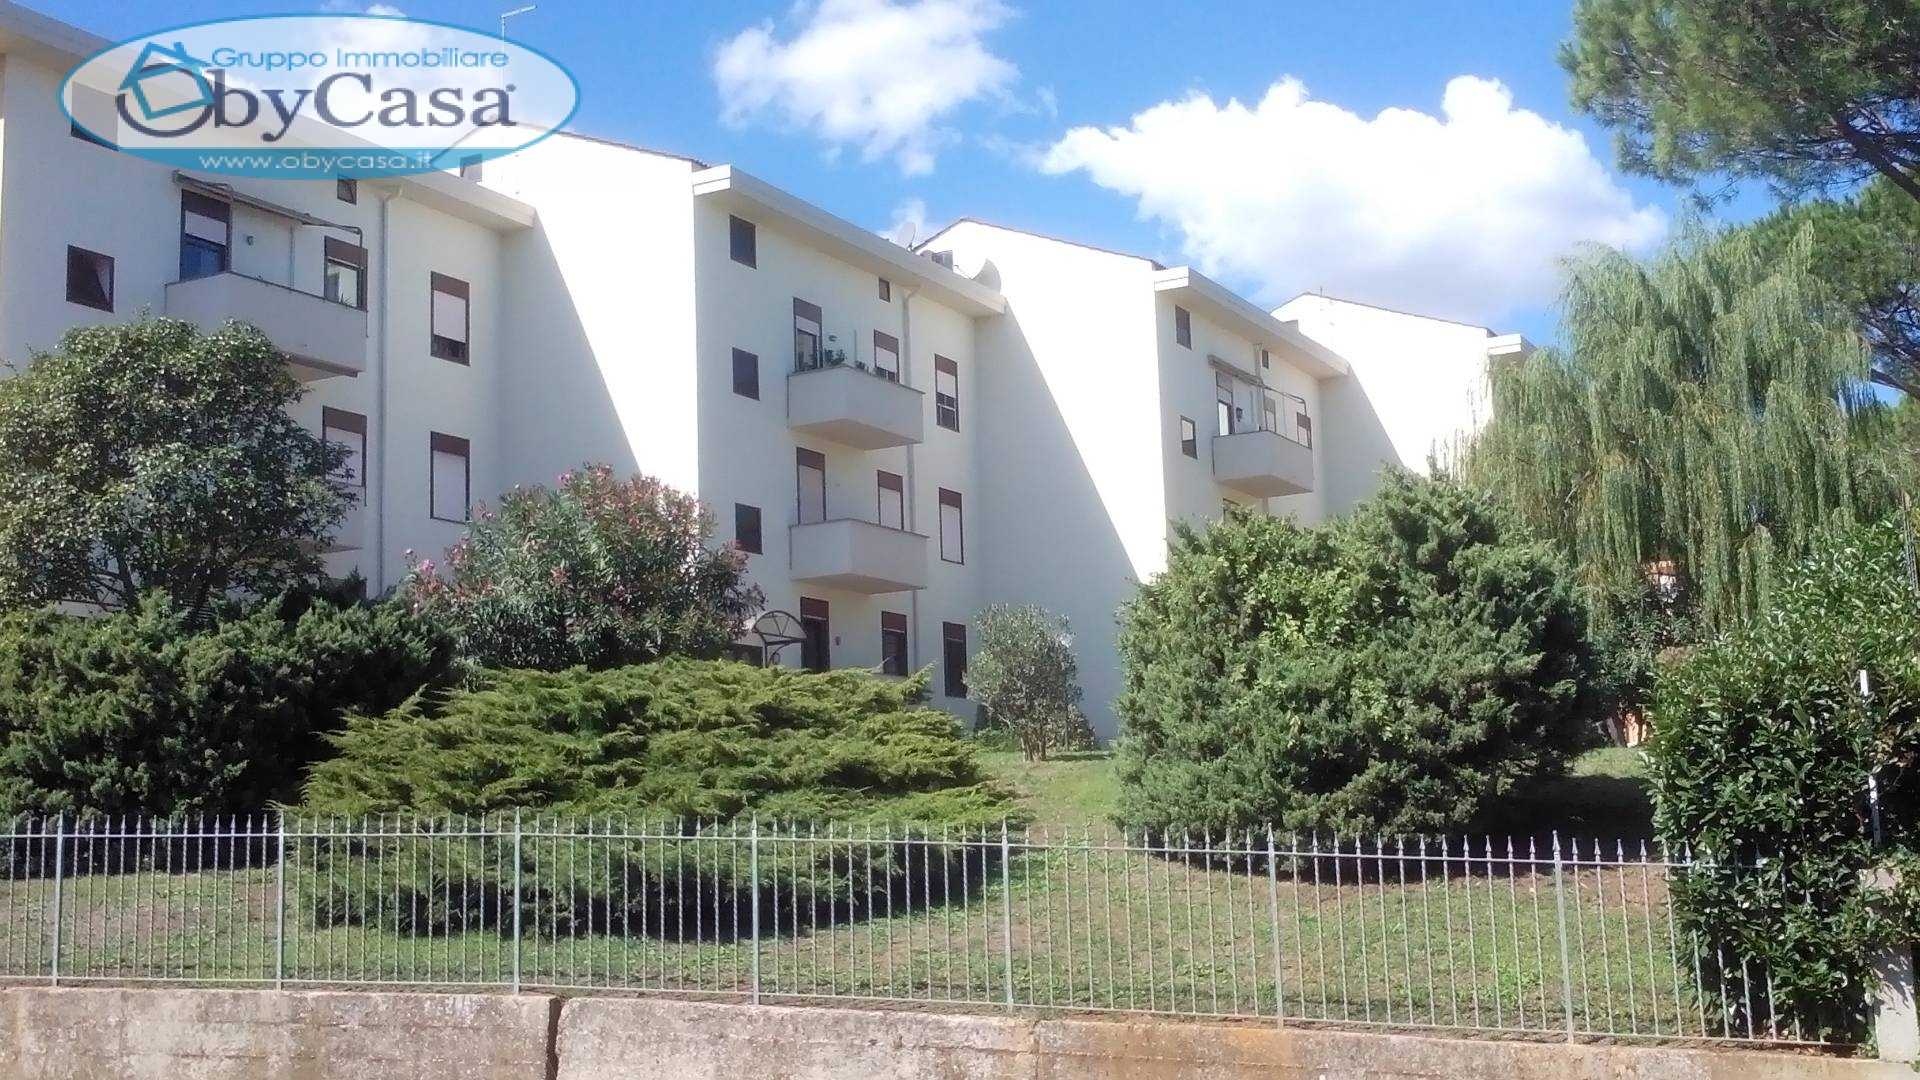 Appartamento in vendita a Bracciano, 4 locali, zona Zona: Cartiere, prezzo € 135.000 | CambioCasa.it